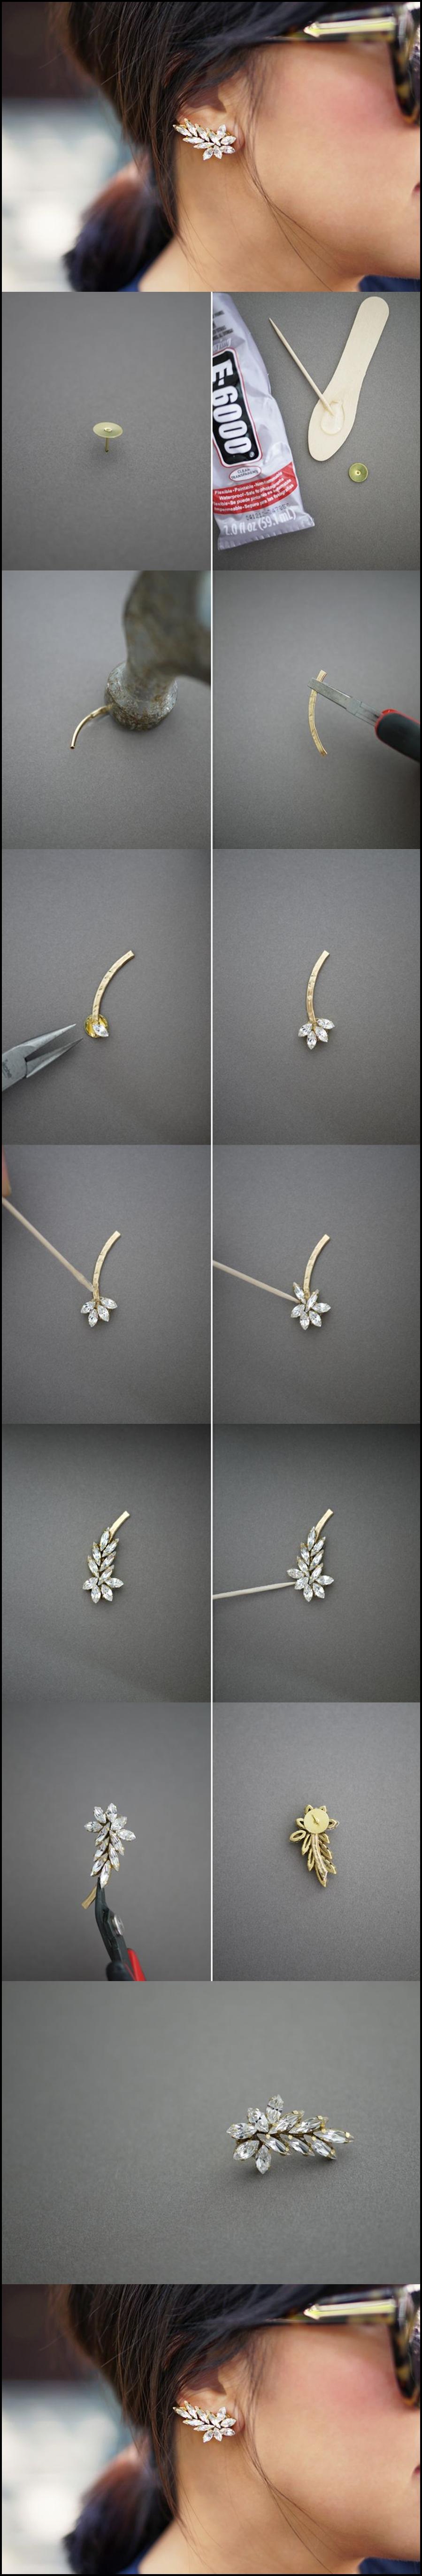 leafy earring M Wonderful DIY beautiful leafy earrings